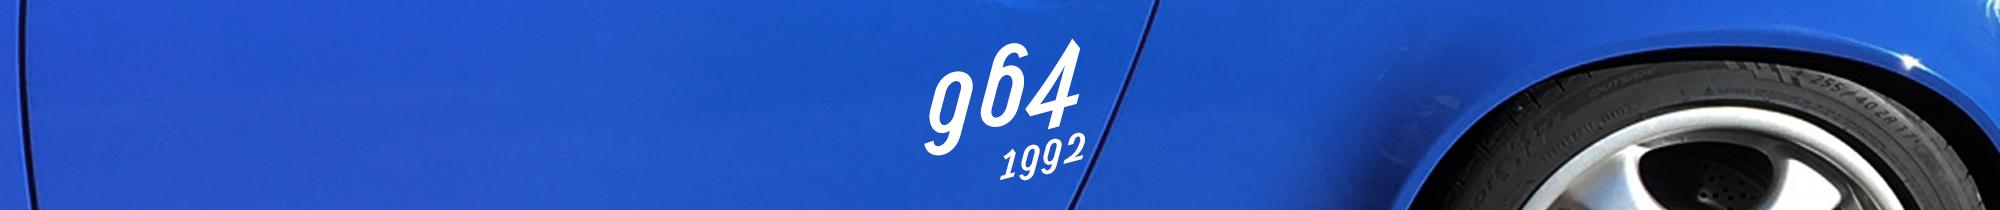 bandeau-ajoutlyford-964bleu-02